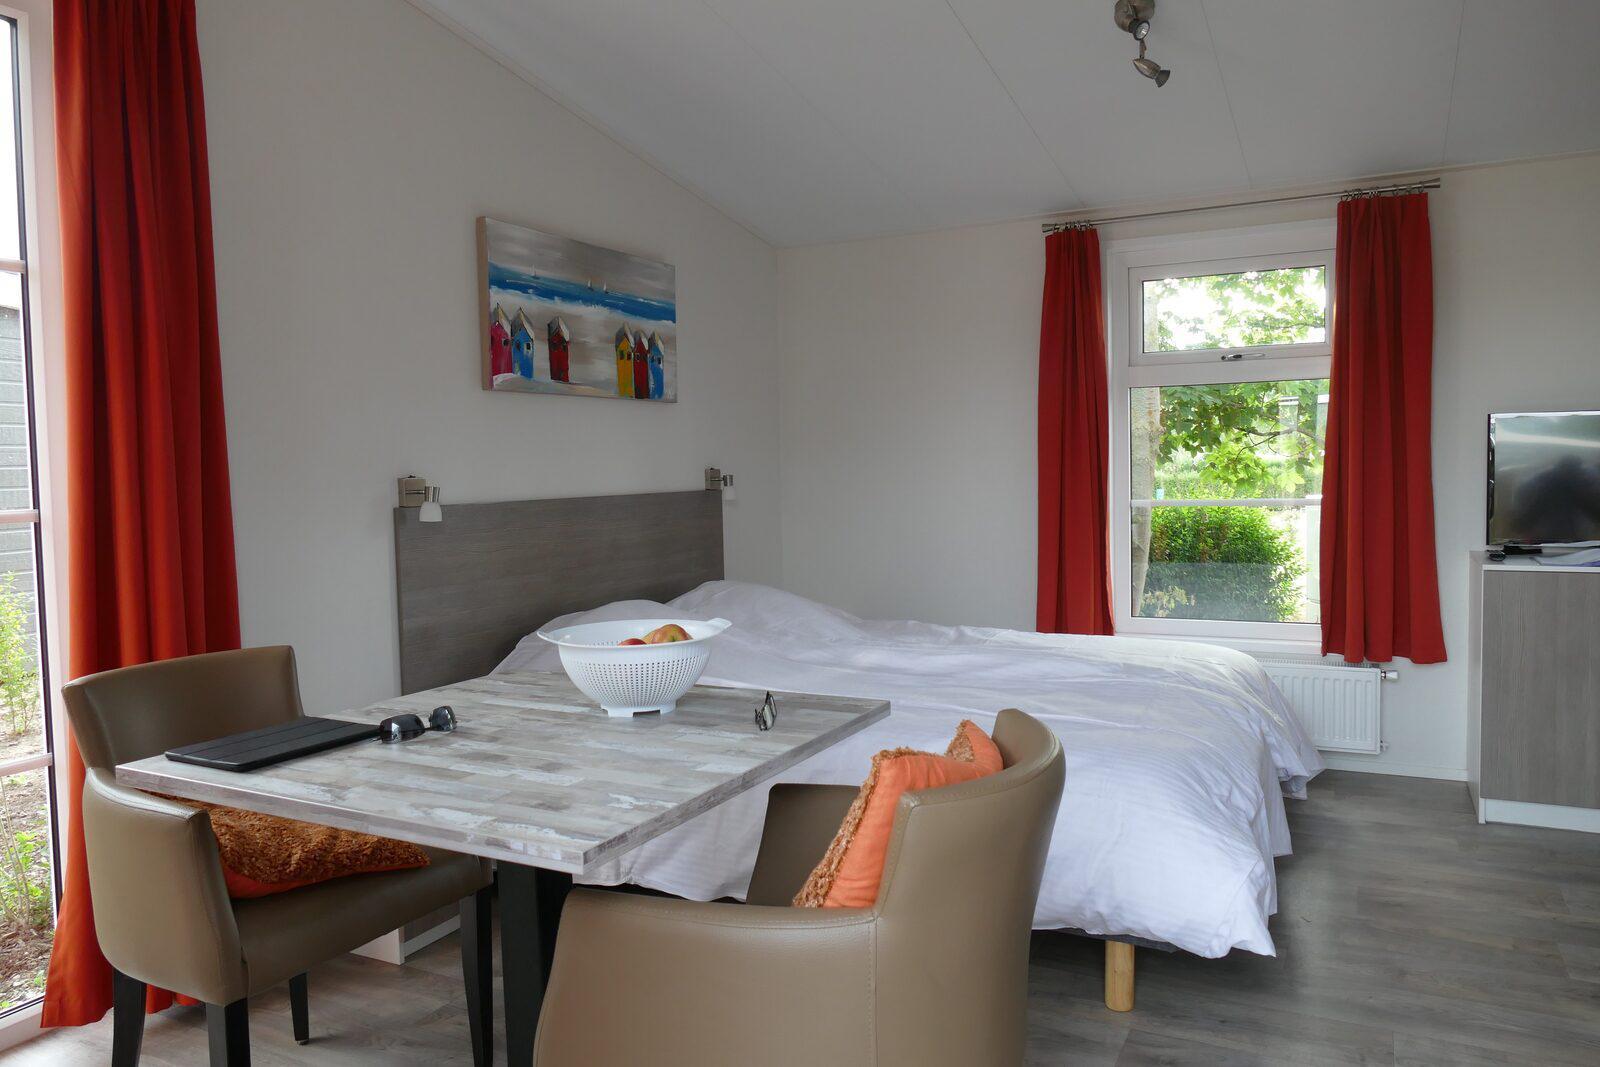 Comfort Lodge voor 2-personen in West-Vlaanderen   Kompas Camping Westende